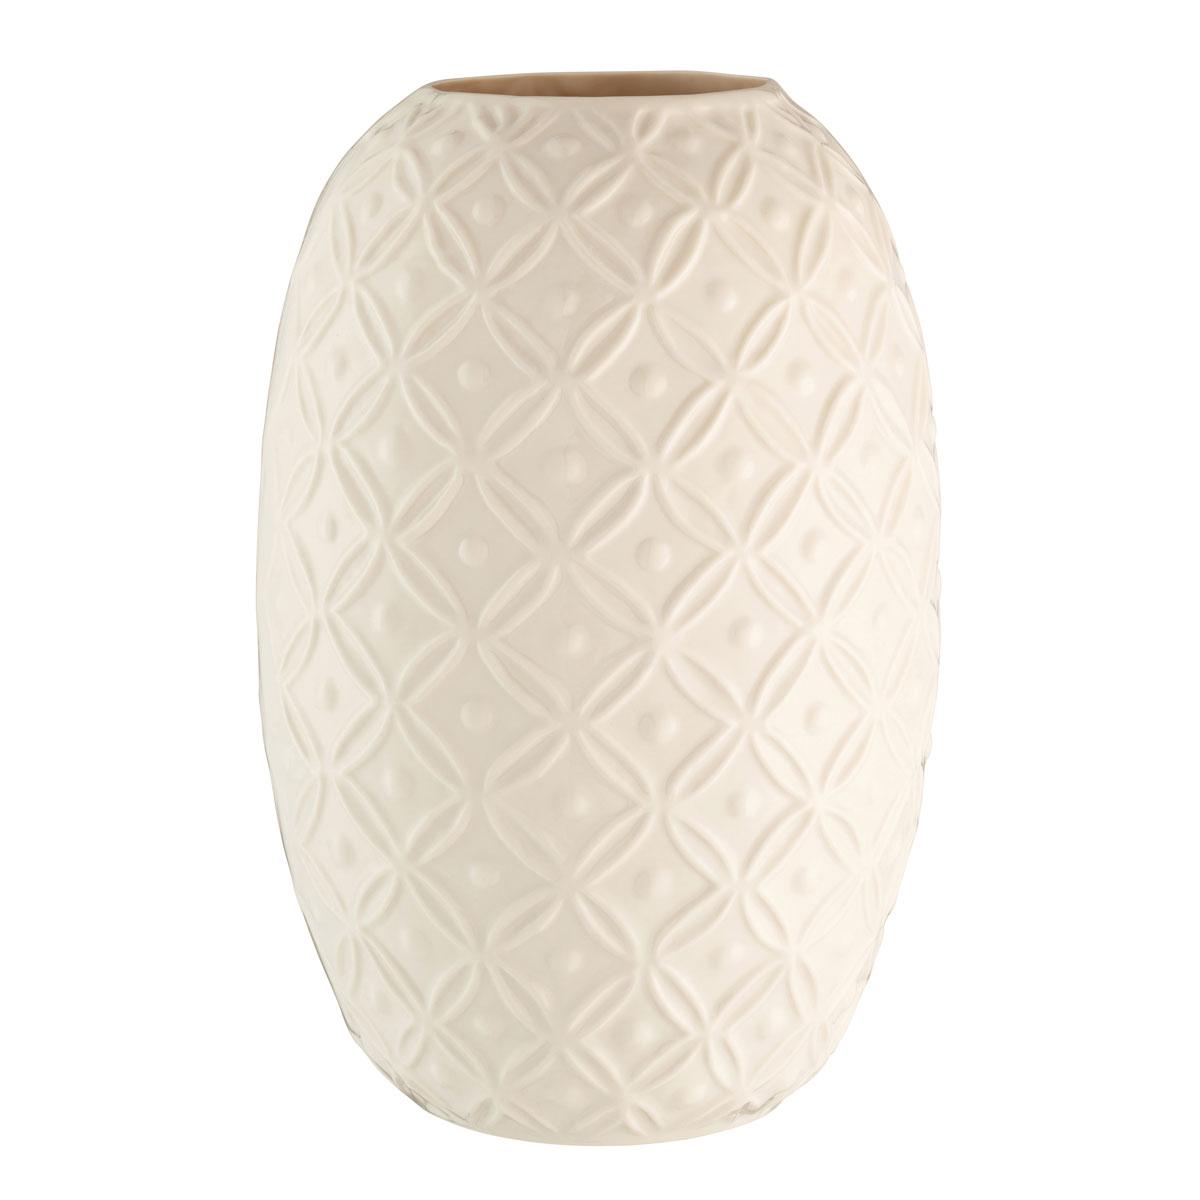 Belleek Living Inish 10 Vase